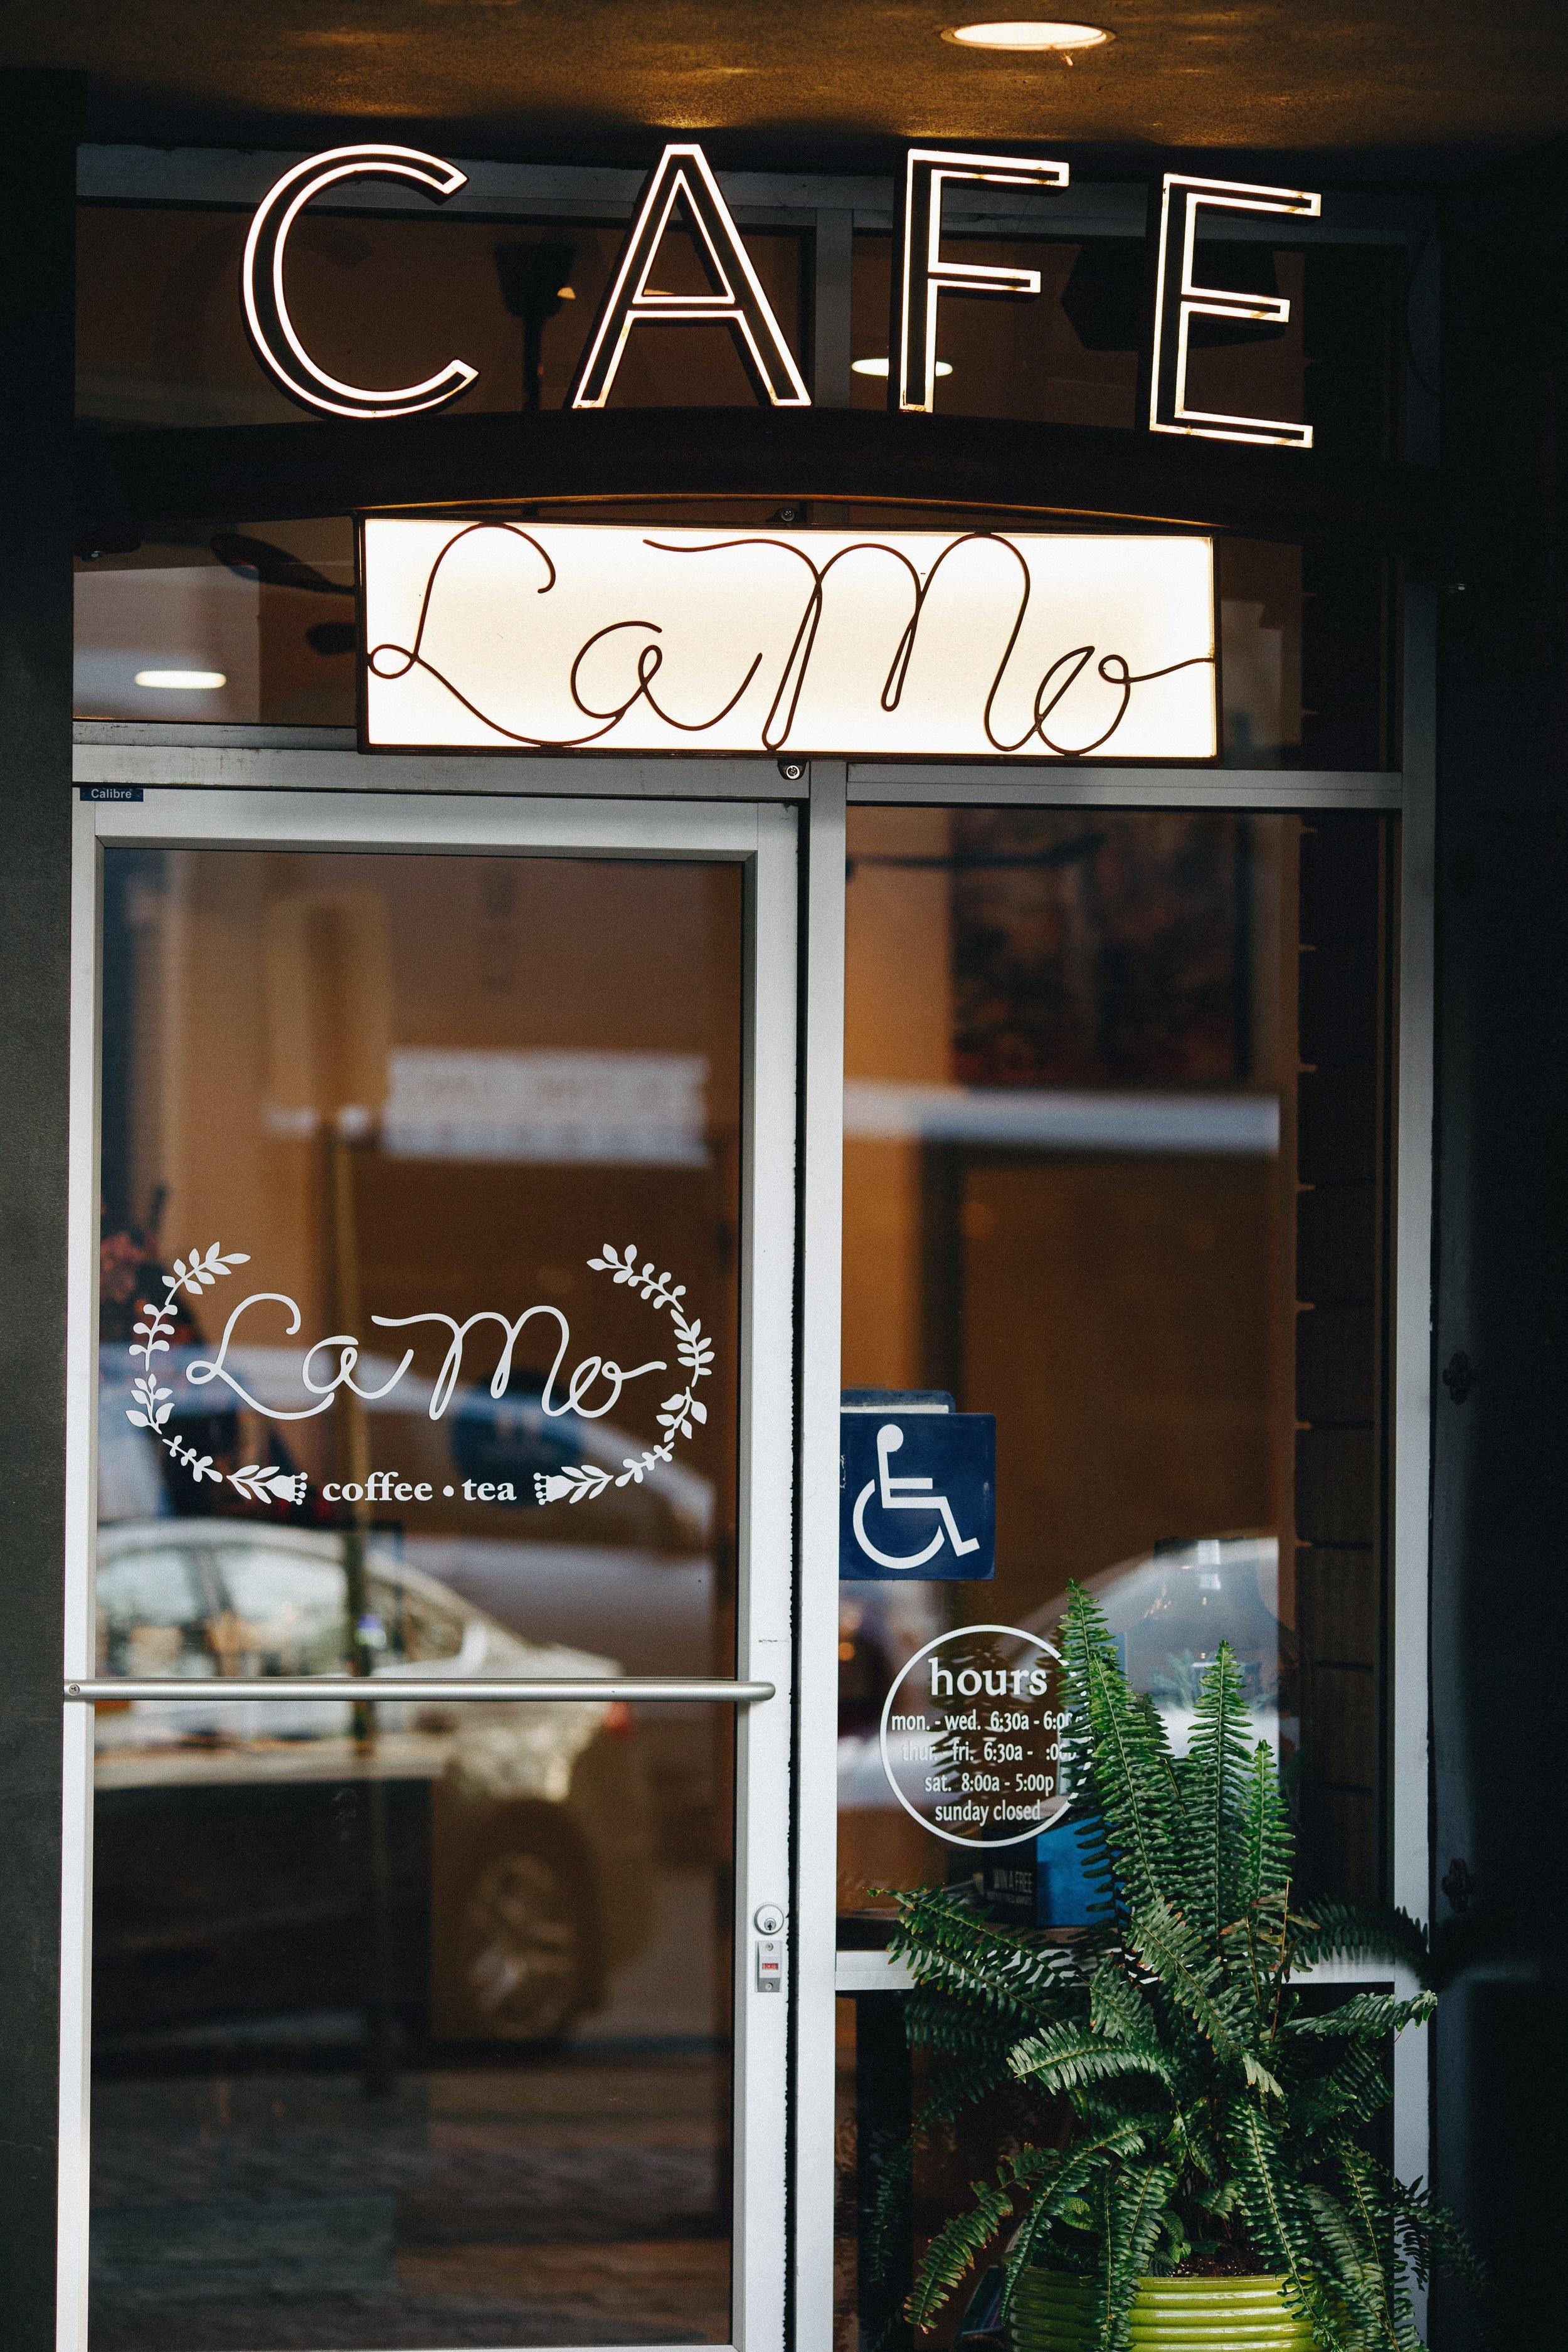 CAFE-steven-lelham-342203.jpg